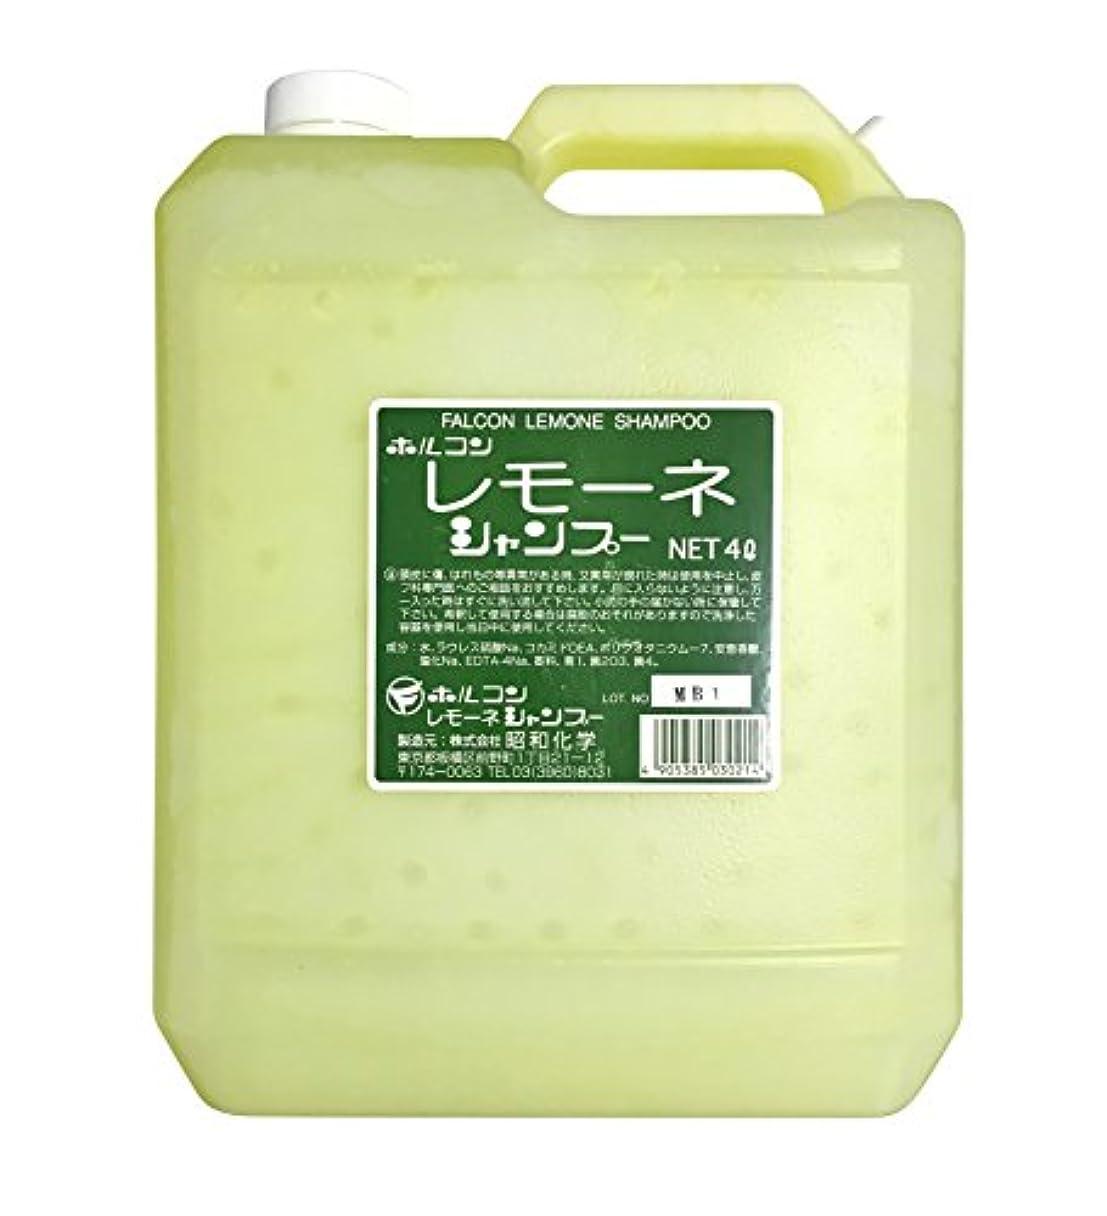 禁止材料降ろす昭和化学 ホルコン レモーネシャンプー 4000ml